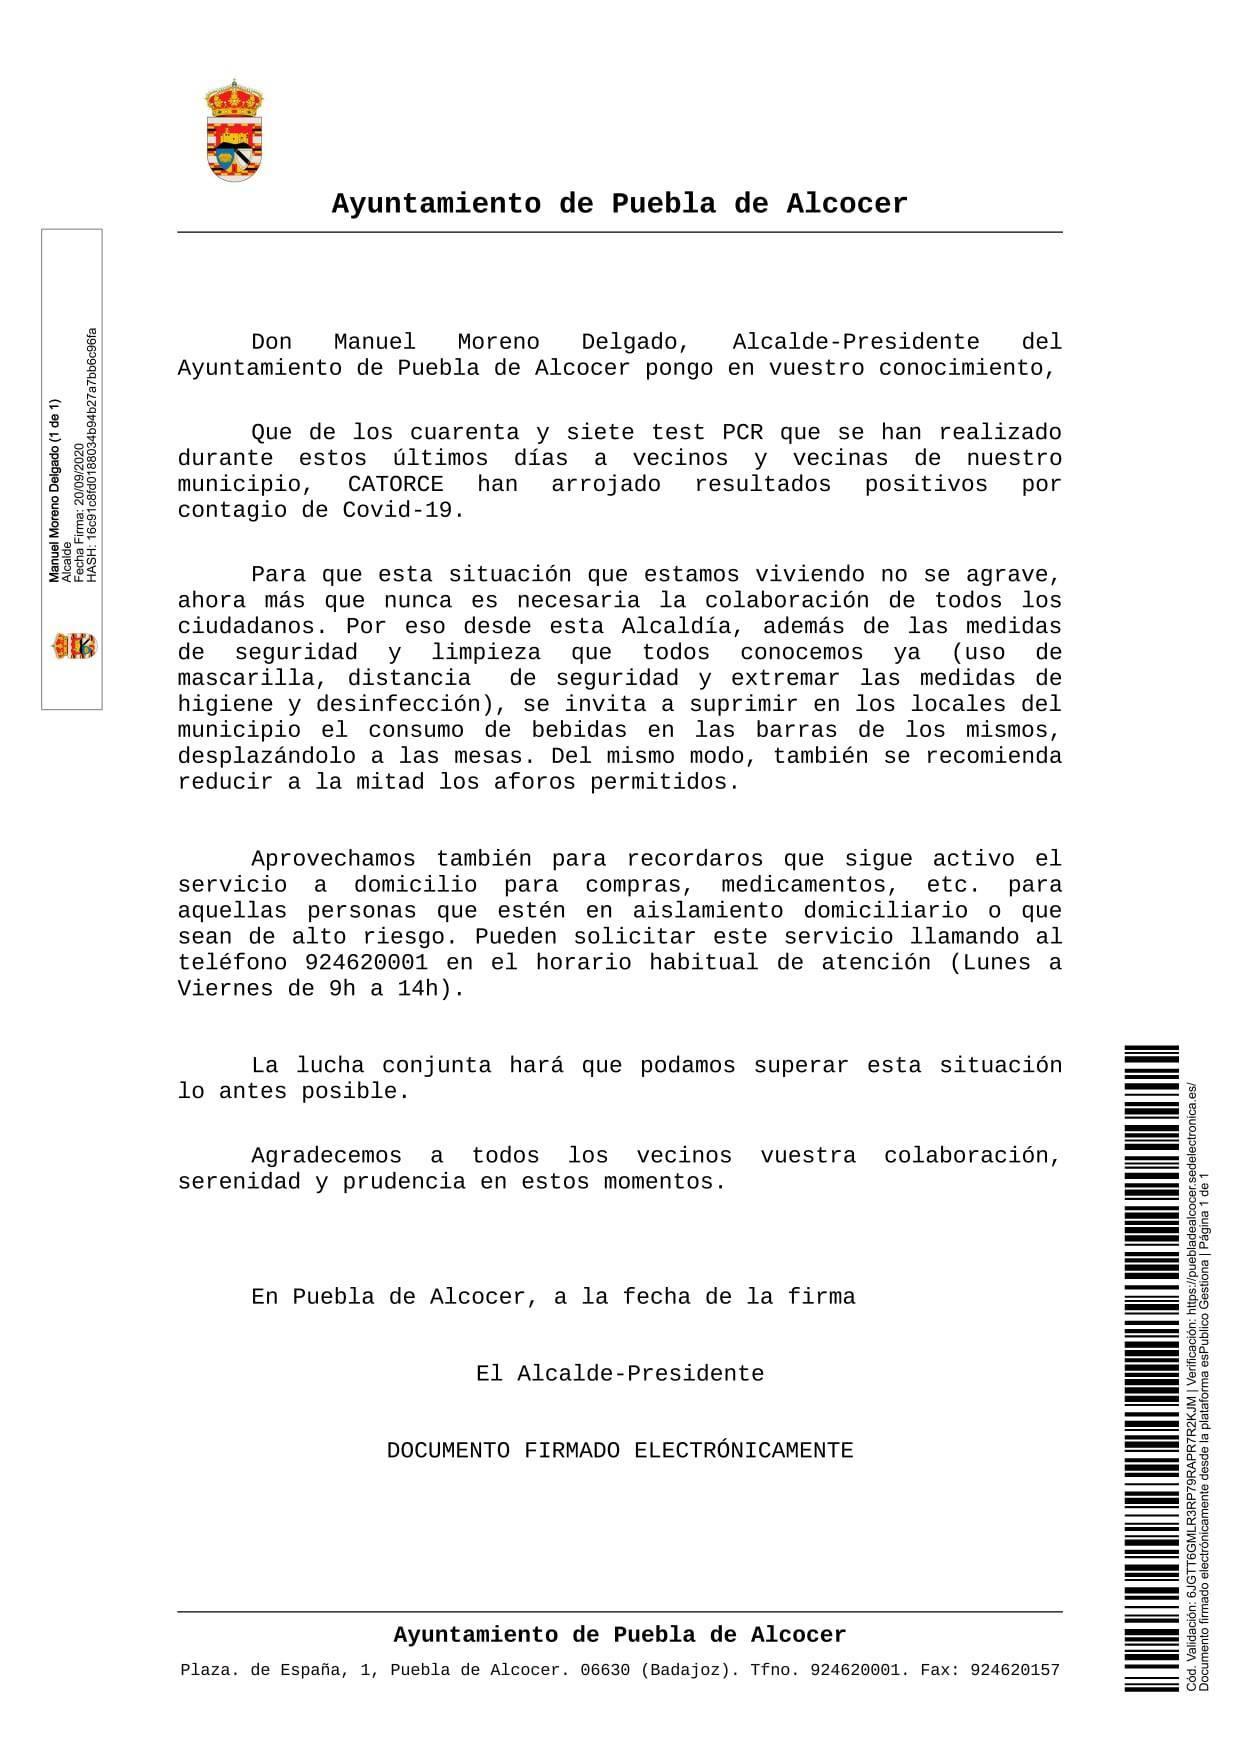 14 casos activos de COVID-19 (septiembre 2020) - Puebla de Alcocer (Badajoz)